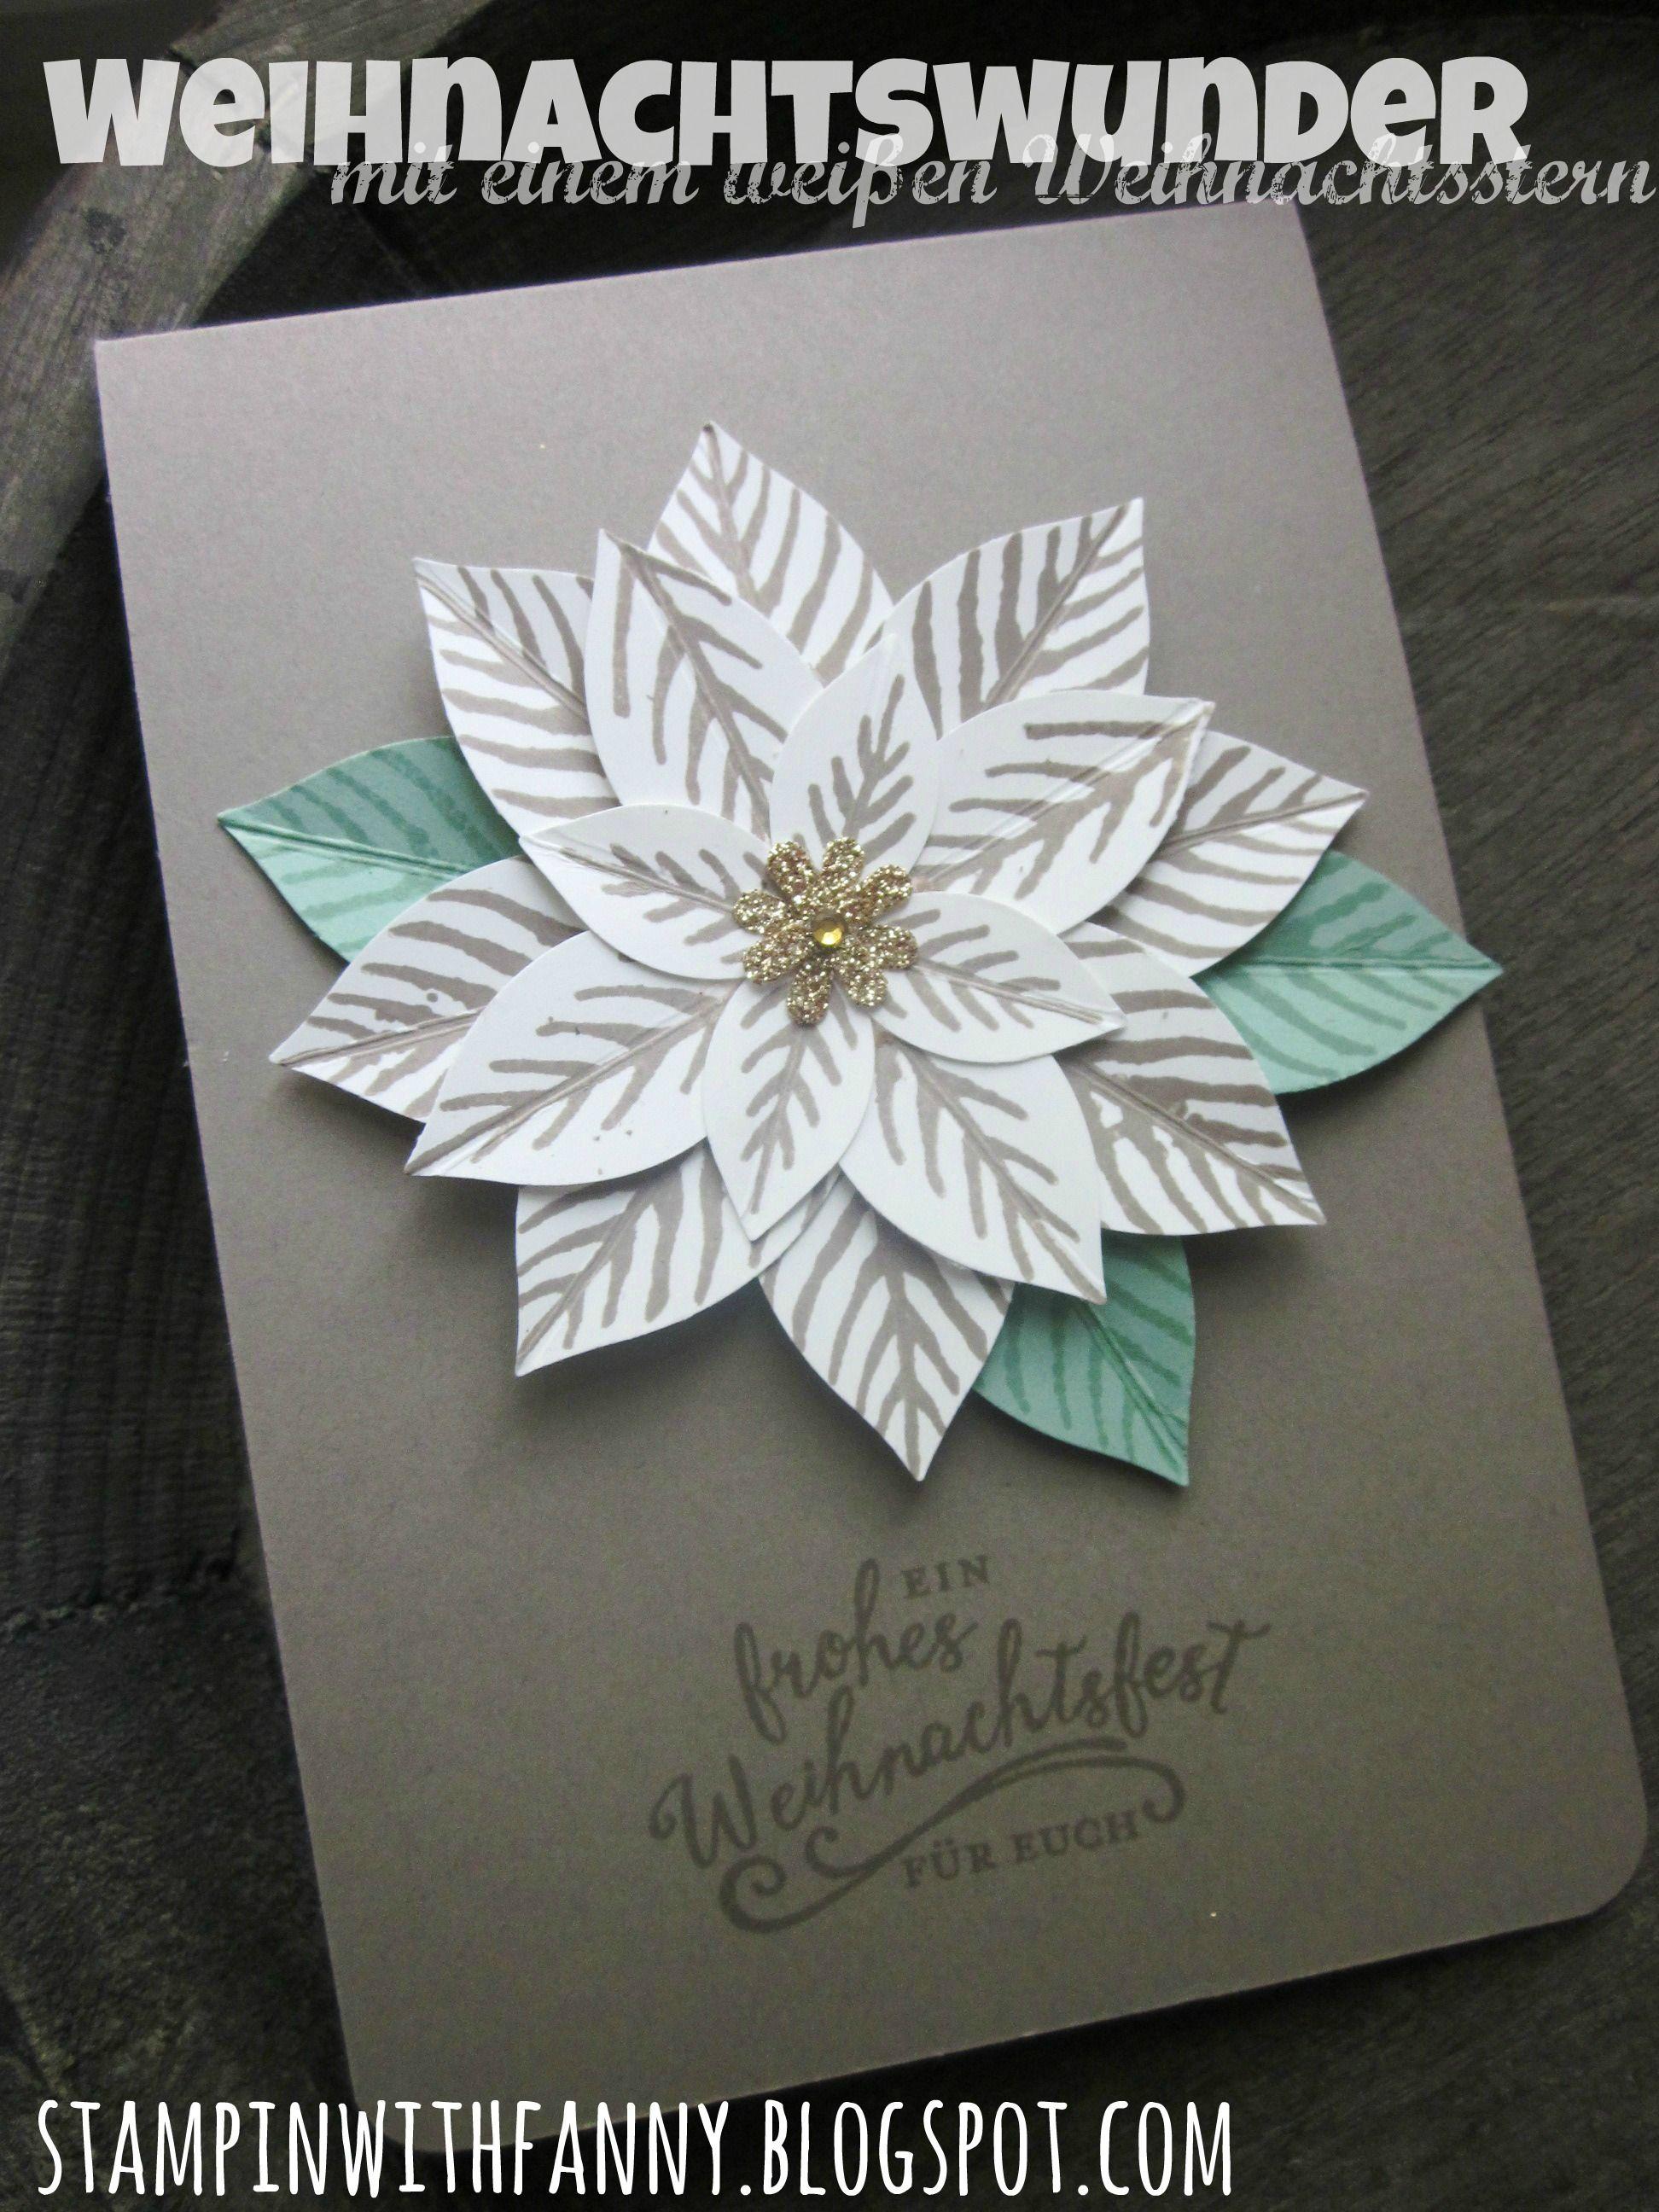 Stampin up stampinwithfanny weihnachtskarte weihnachtsstern christmas card festliche blüte weihnachtswunder reason for the season festive flower poinsettia